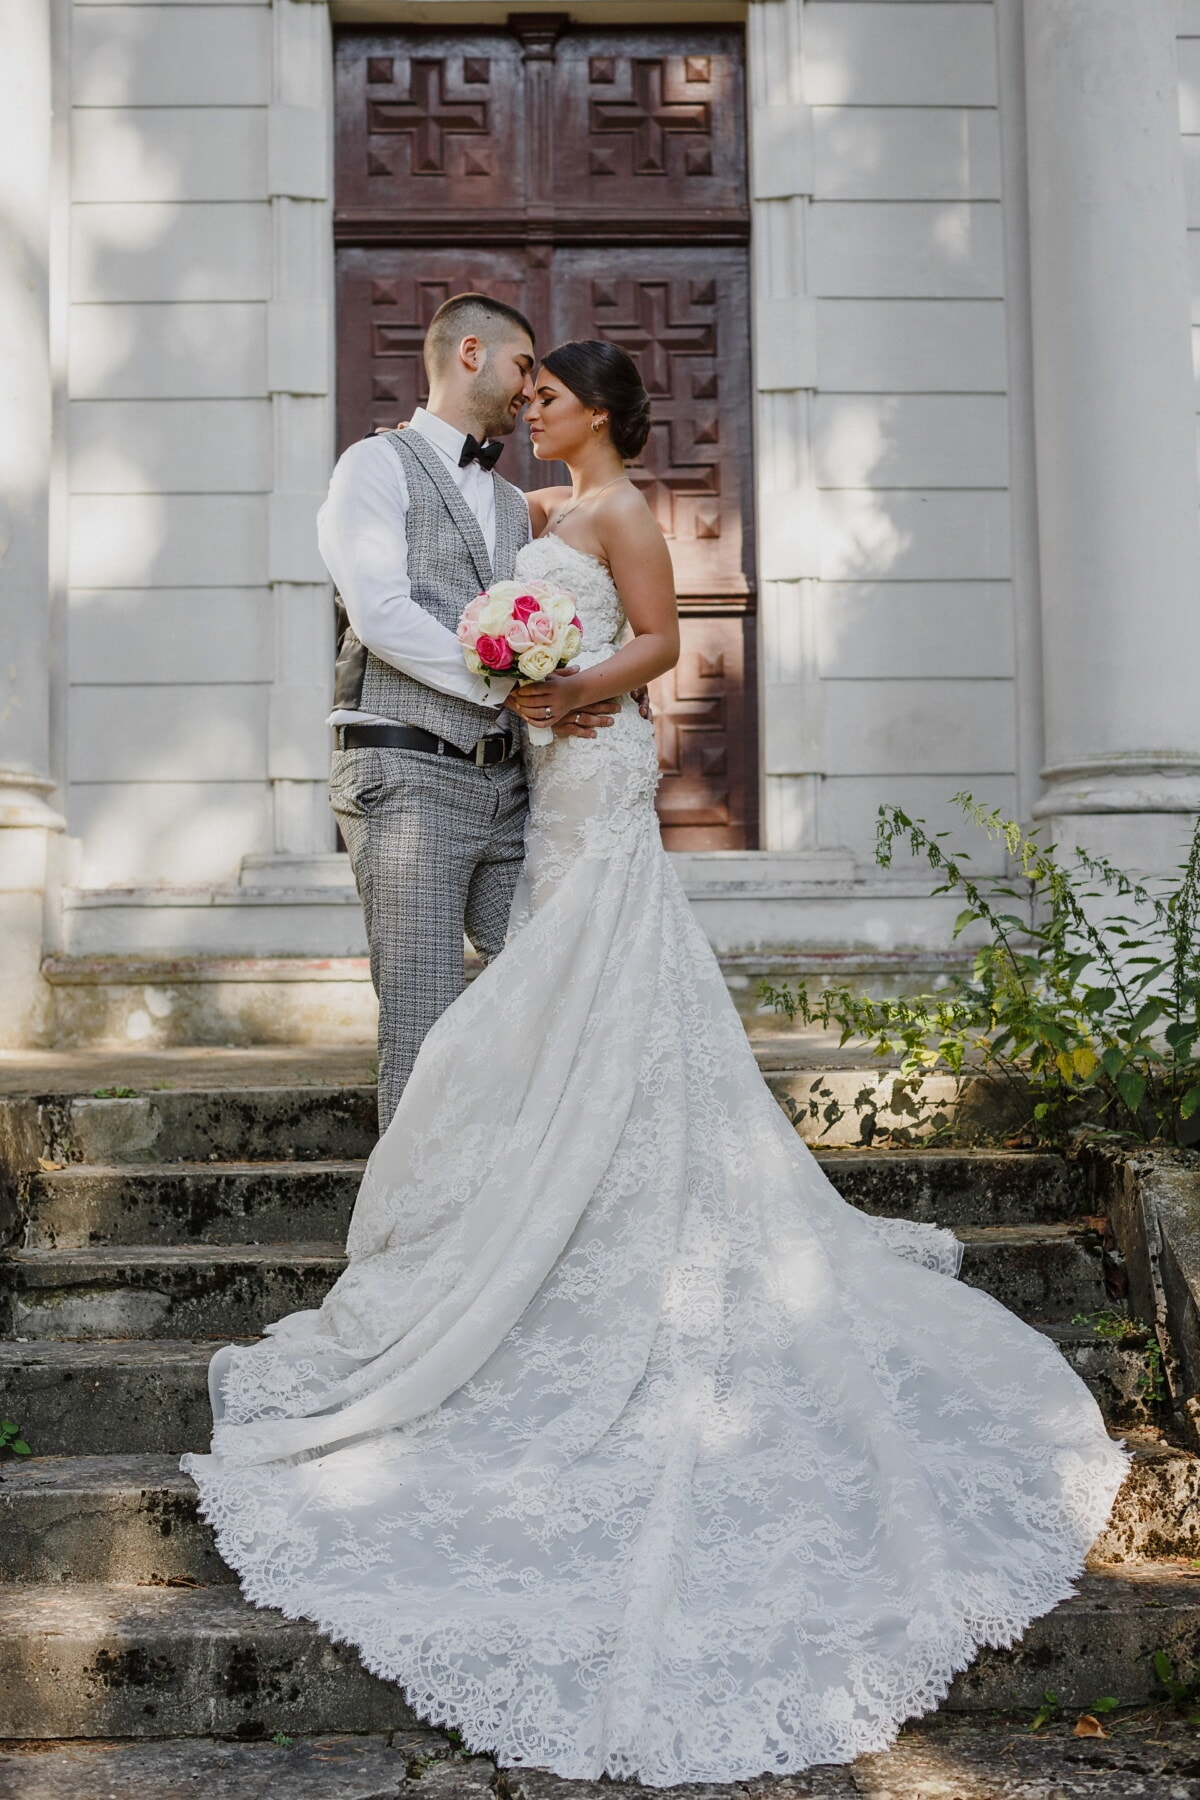 amour, romantique, baiser, tendresse, la mariée, jeune marié, affection, escalier, debout, robe